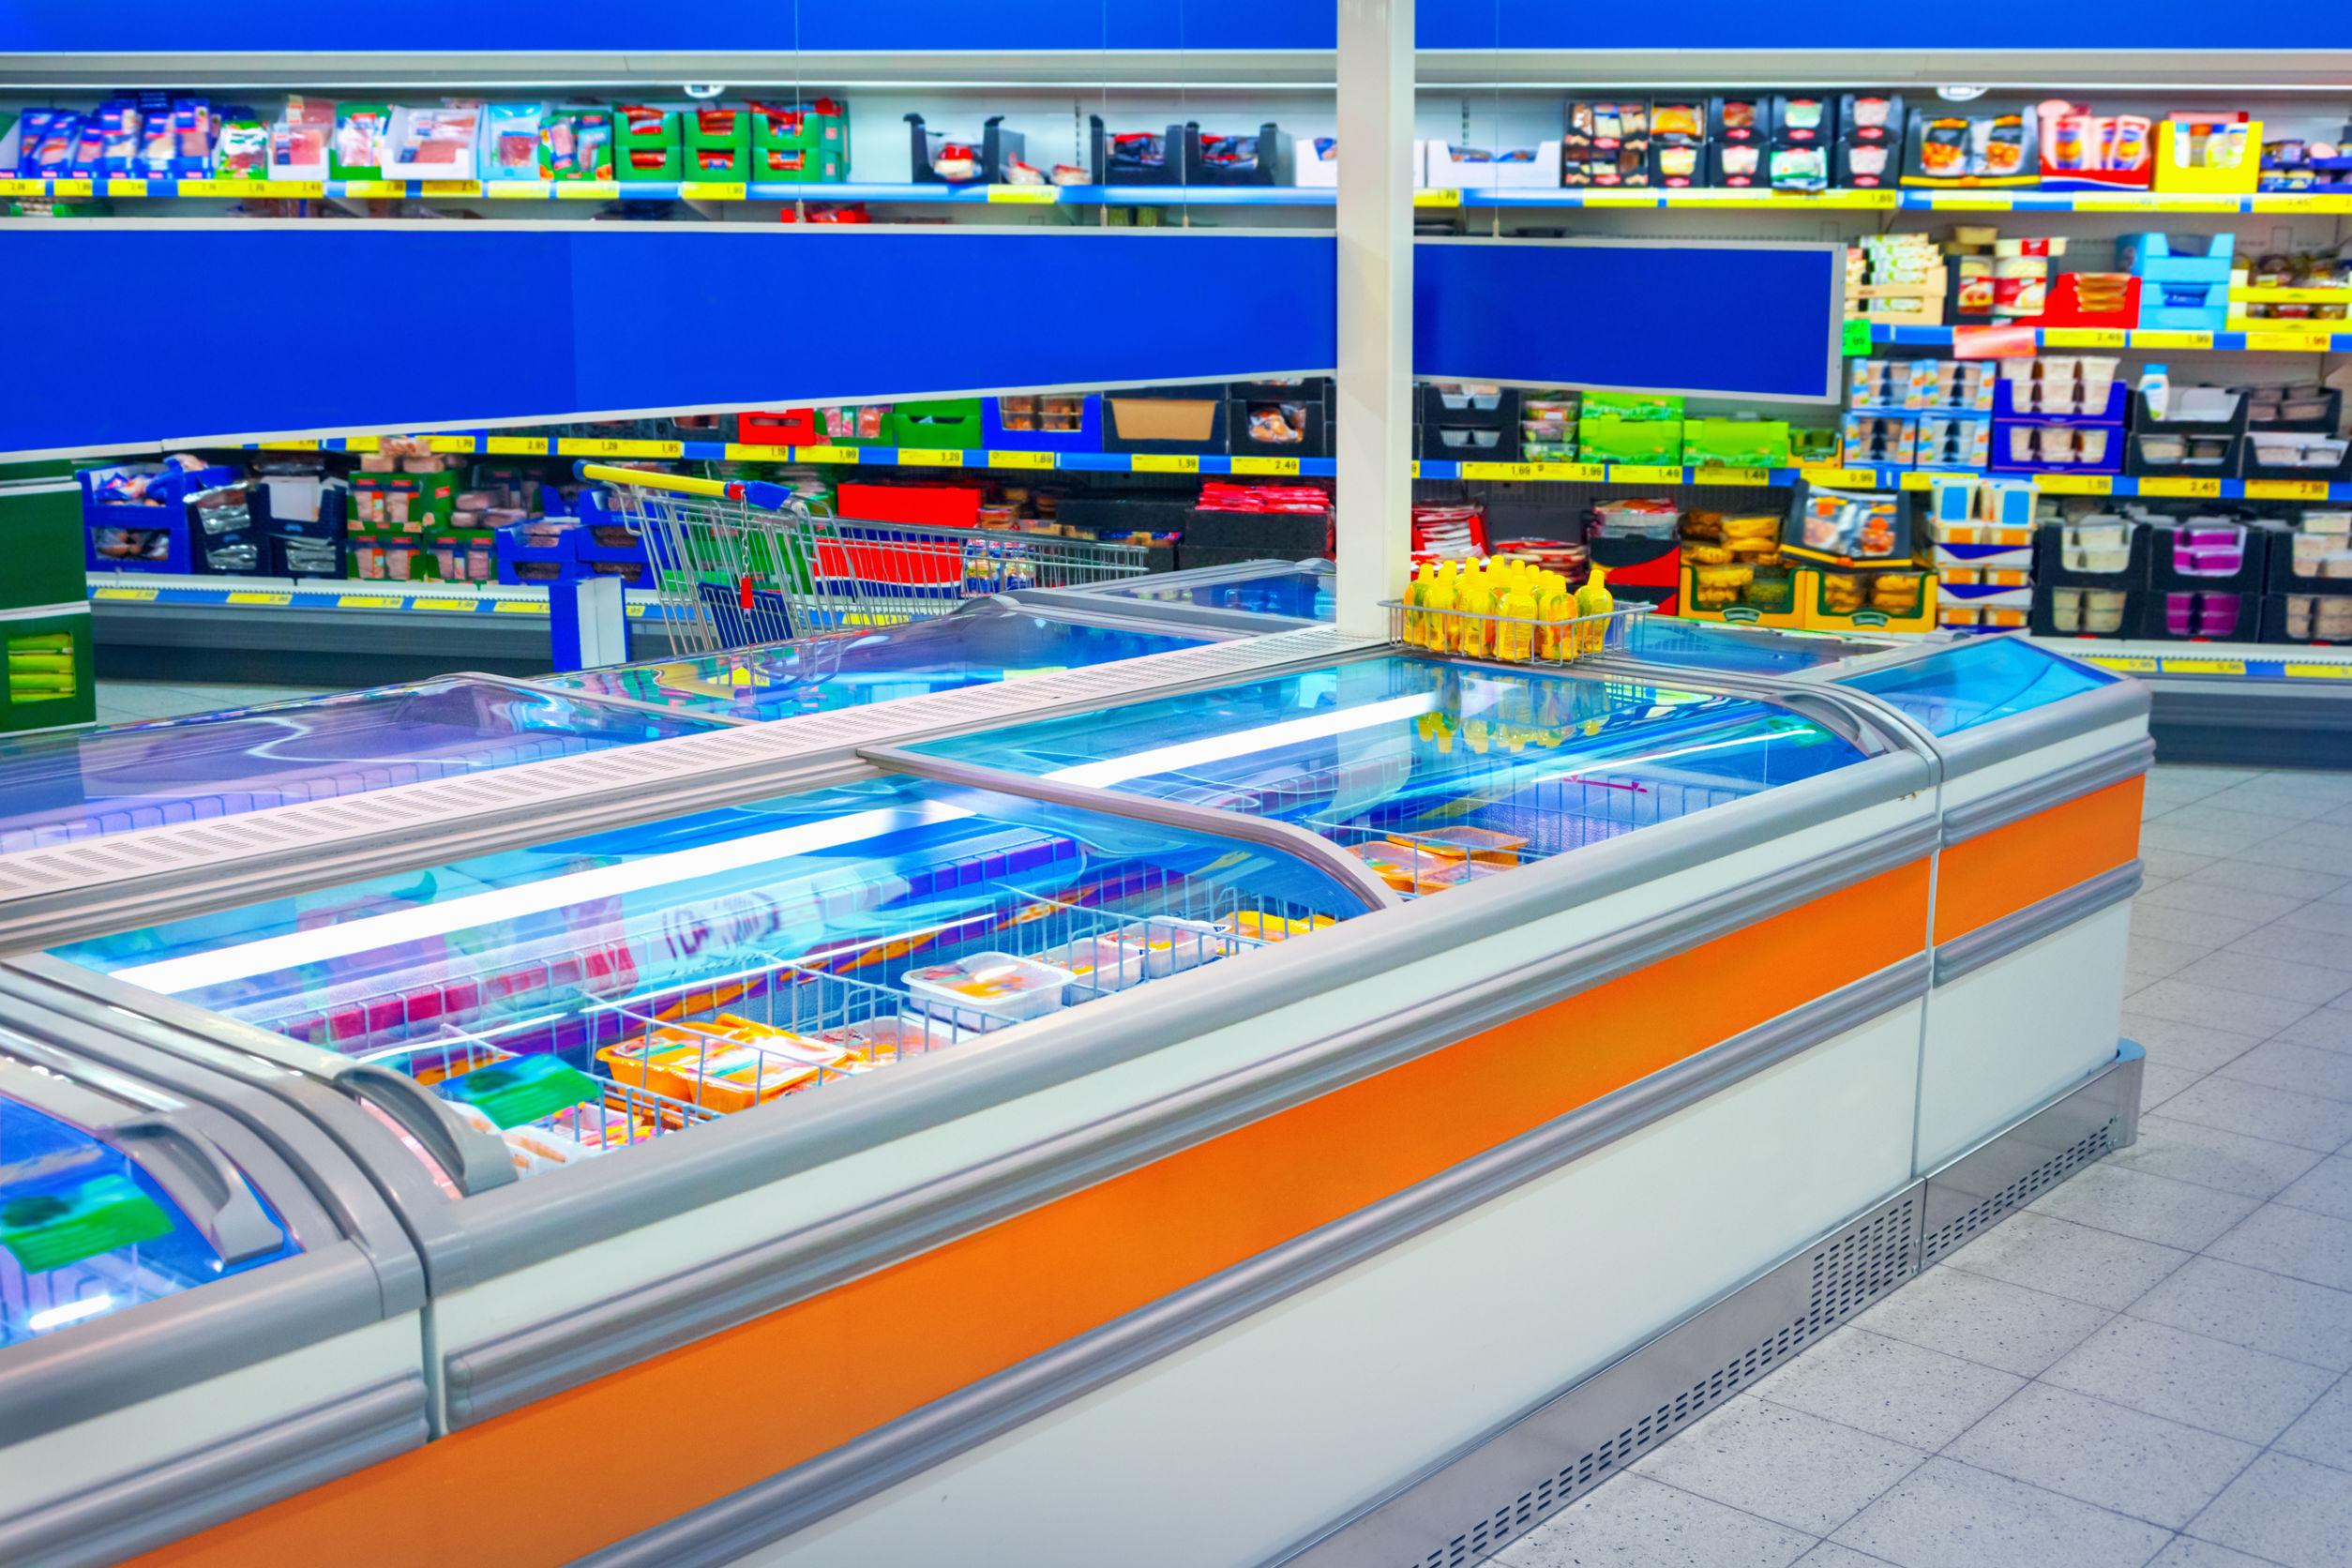 Na foto um corredor de um supermercado com diversos freezers horizontais.